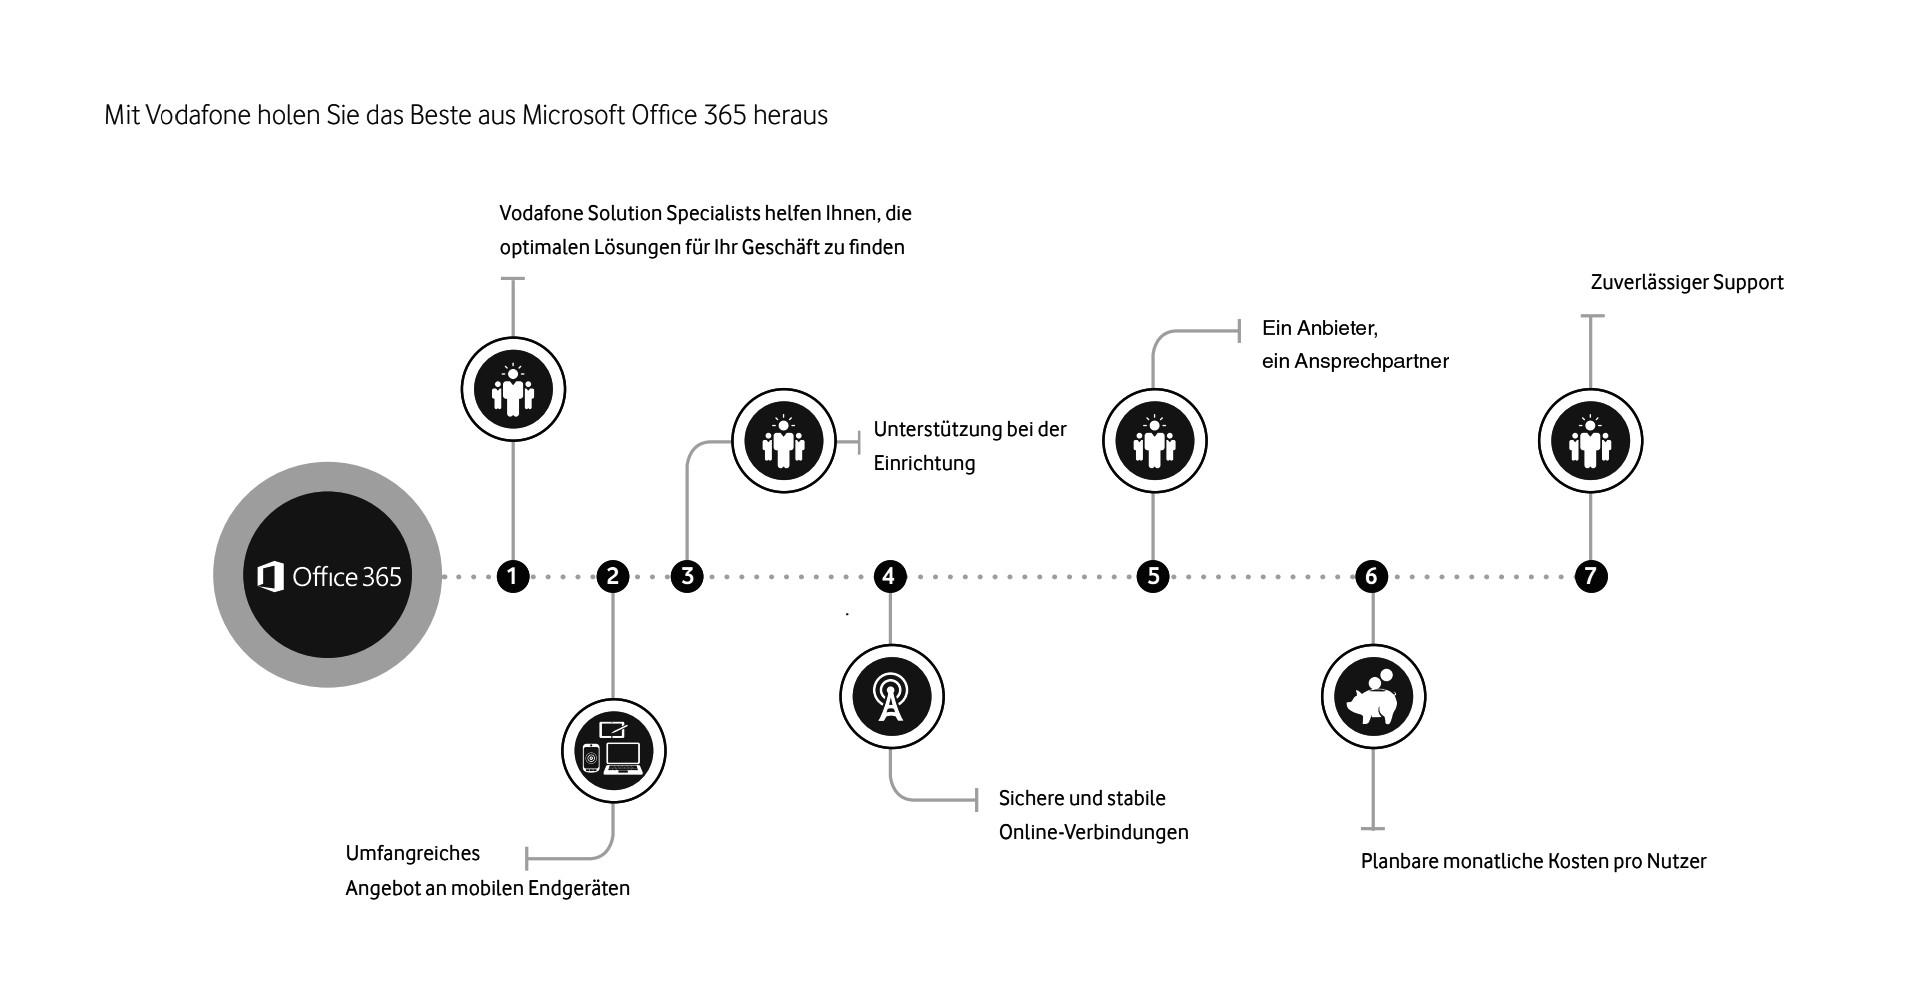 Office 365 Paket Das Ist Im Digitalen Buro Alles Enthalten